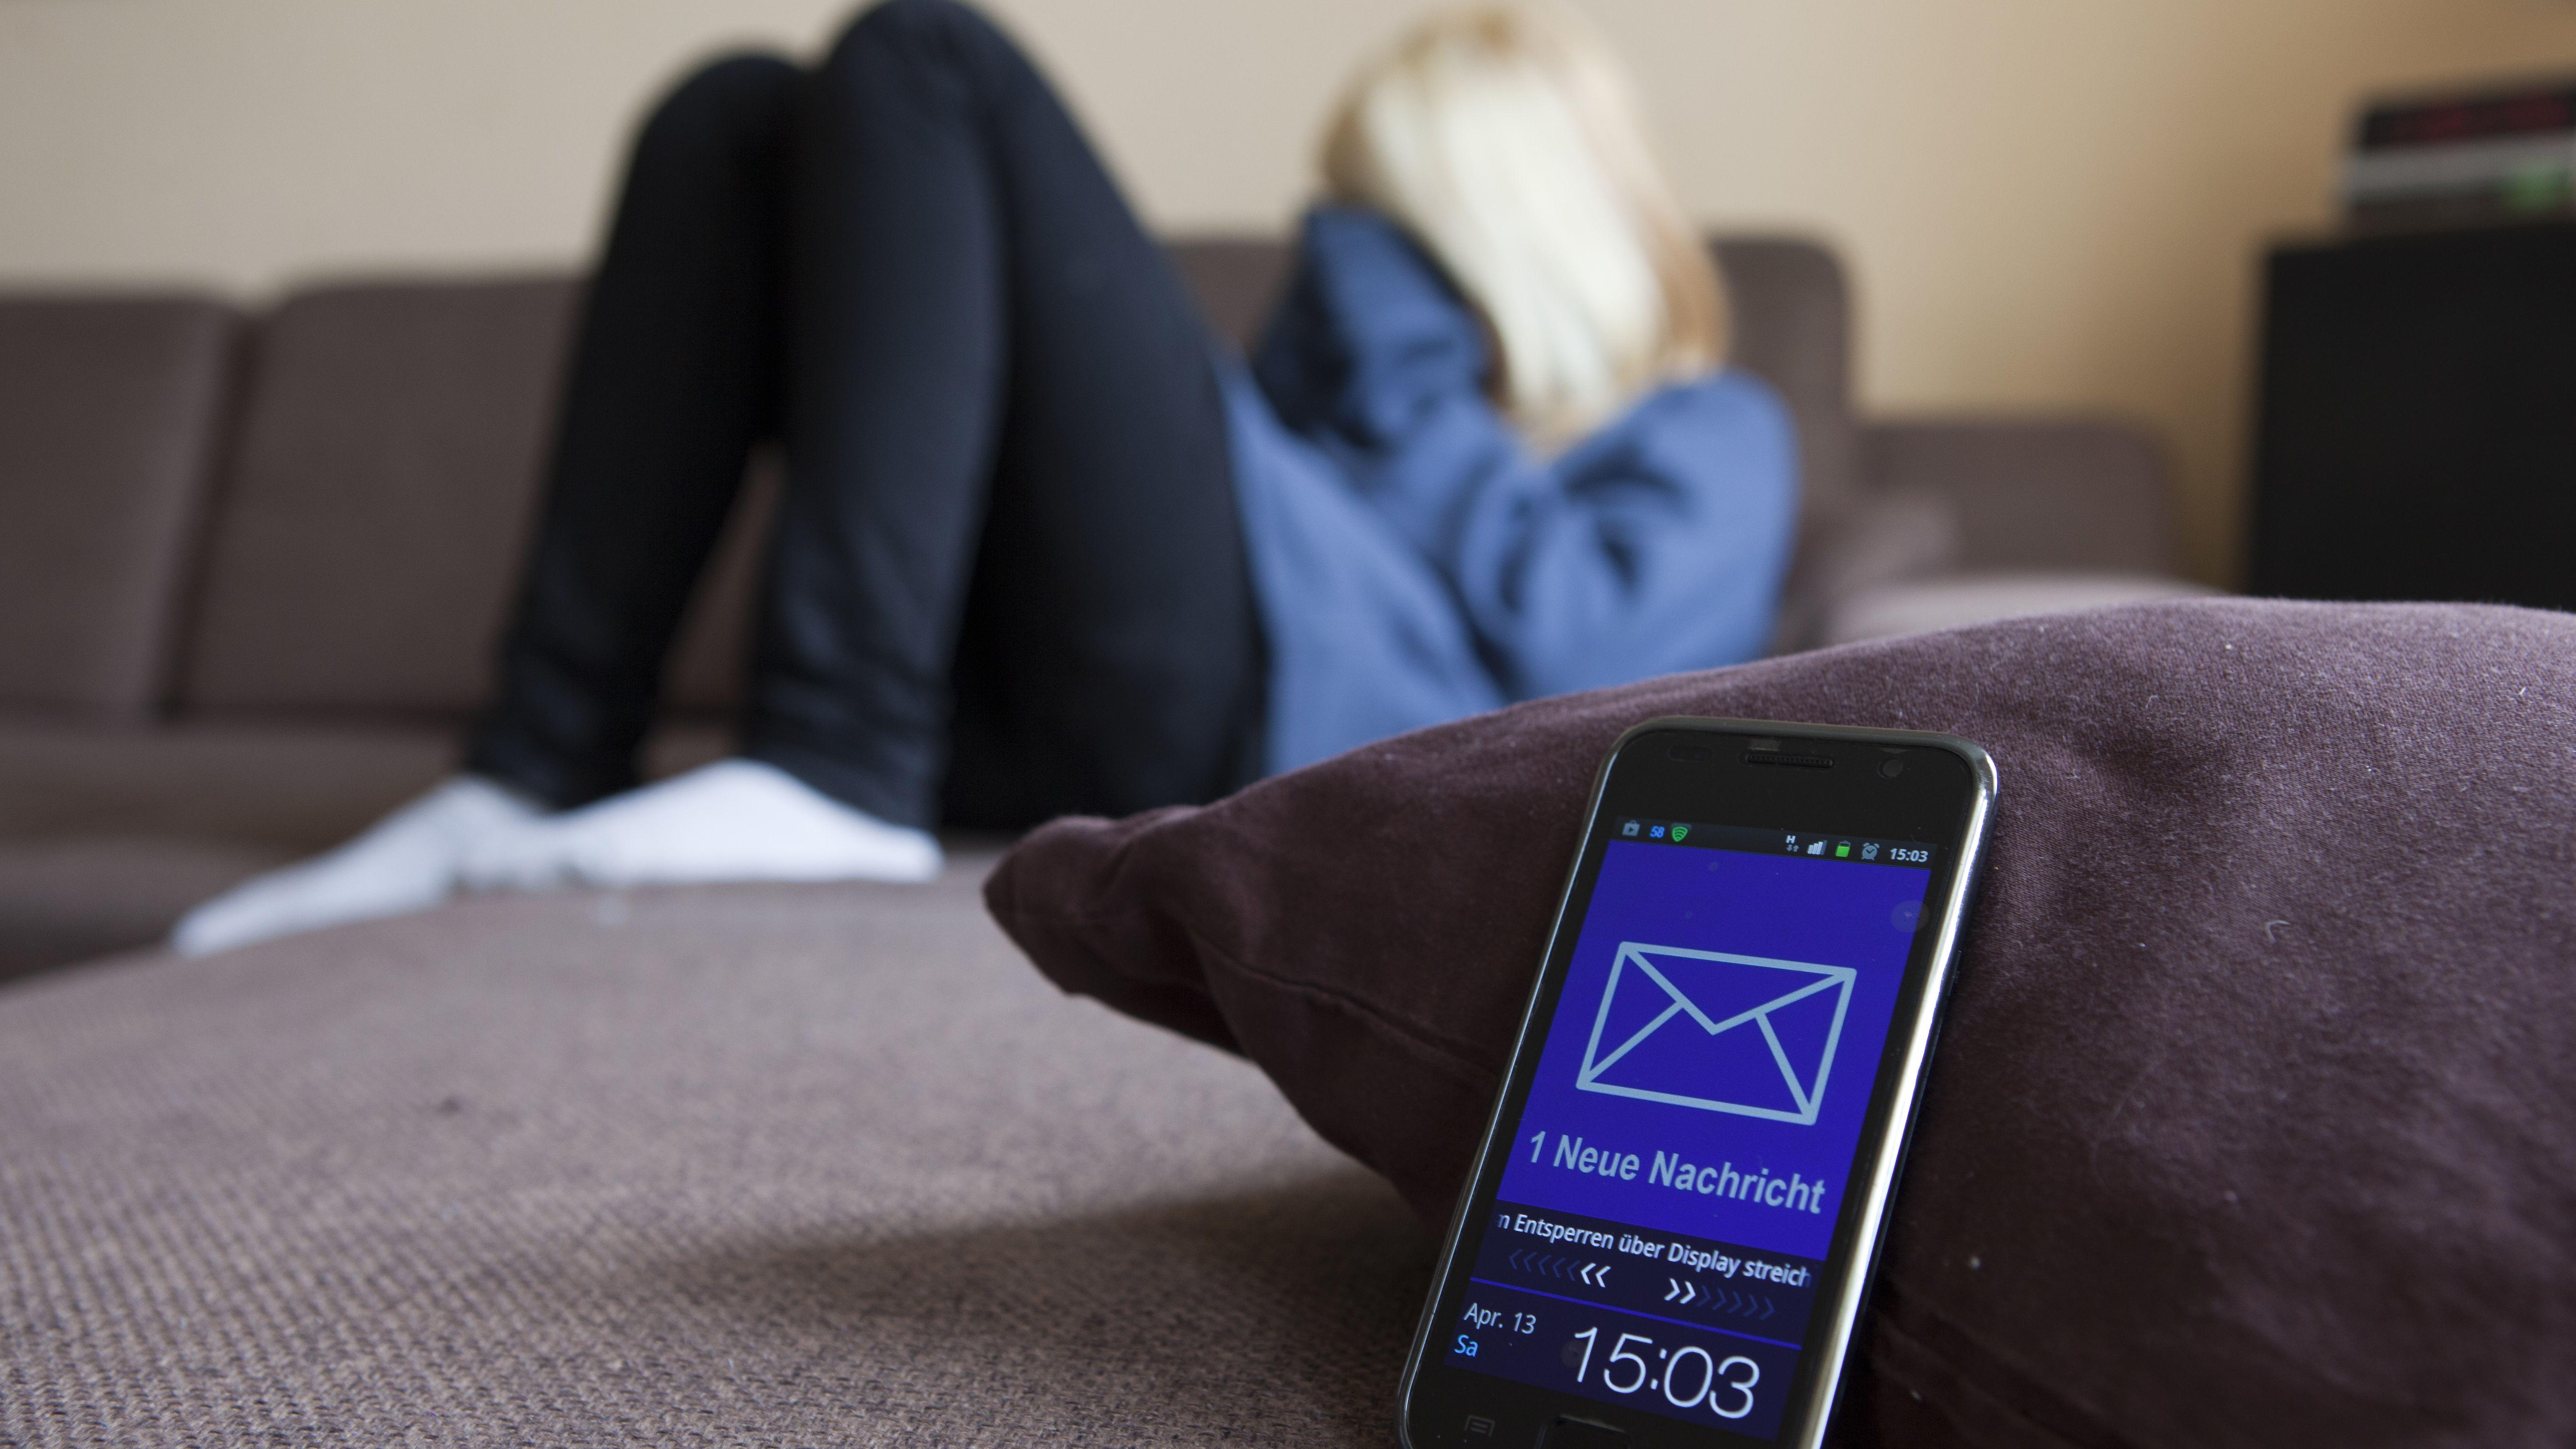 Symbolbild Cybermobbing:  Eine Jugendliche sitzt in einem Wohnzimmer und weint, weil sie per Mail von ihren Mitschülern gemobbt wird.